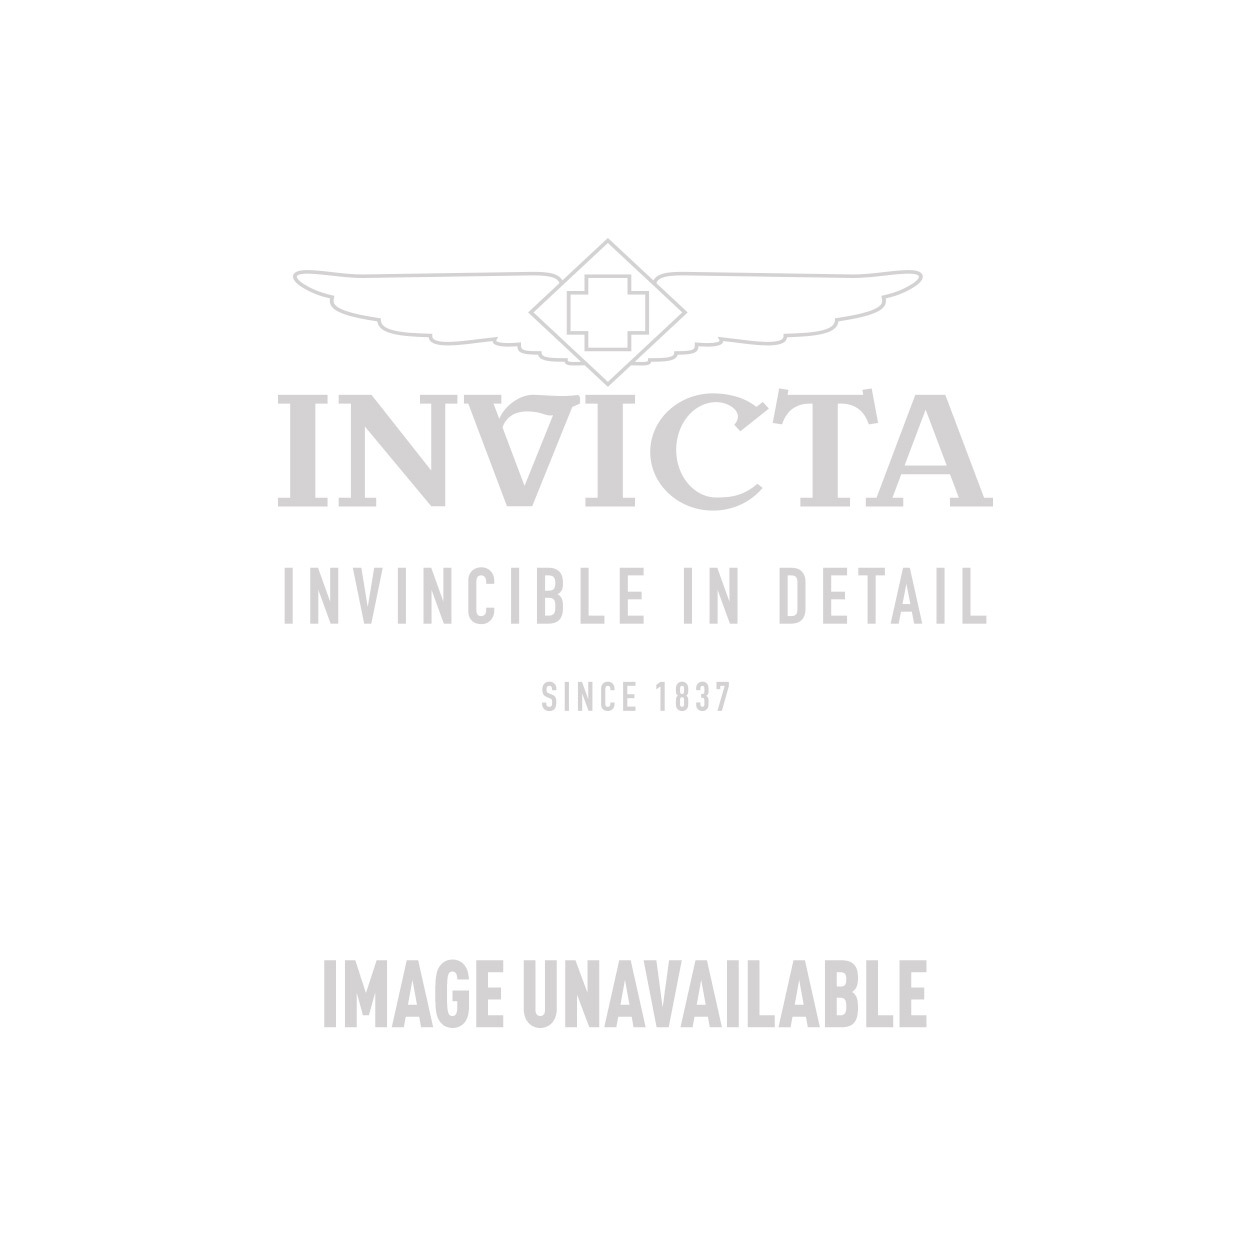 Invicta Model 27759